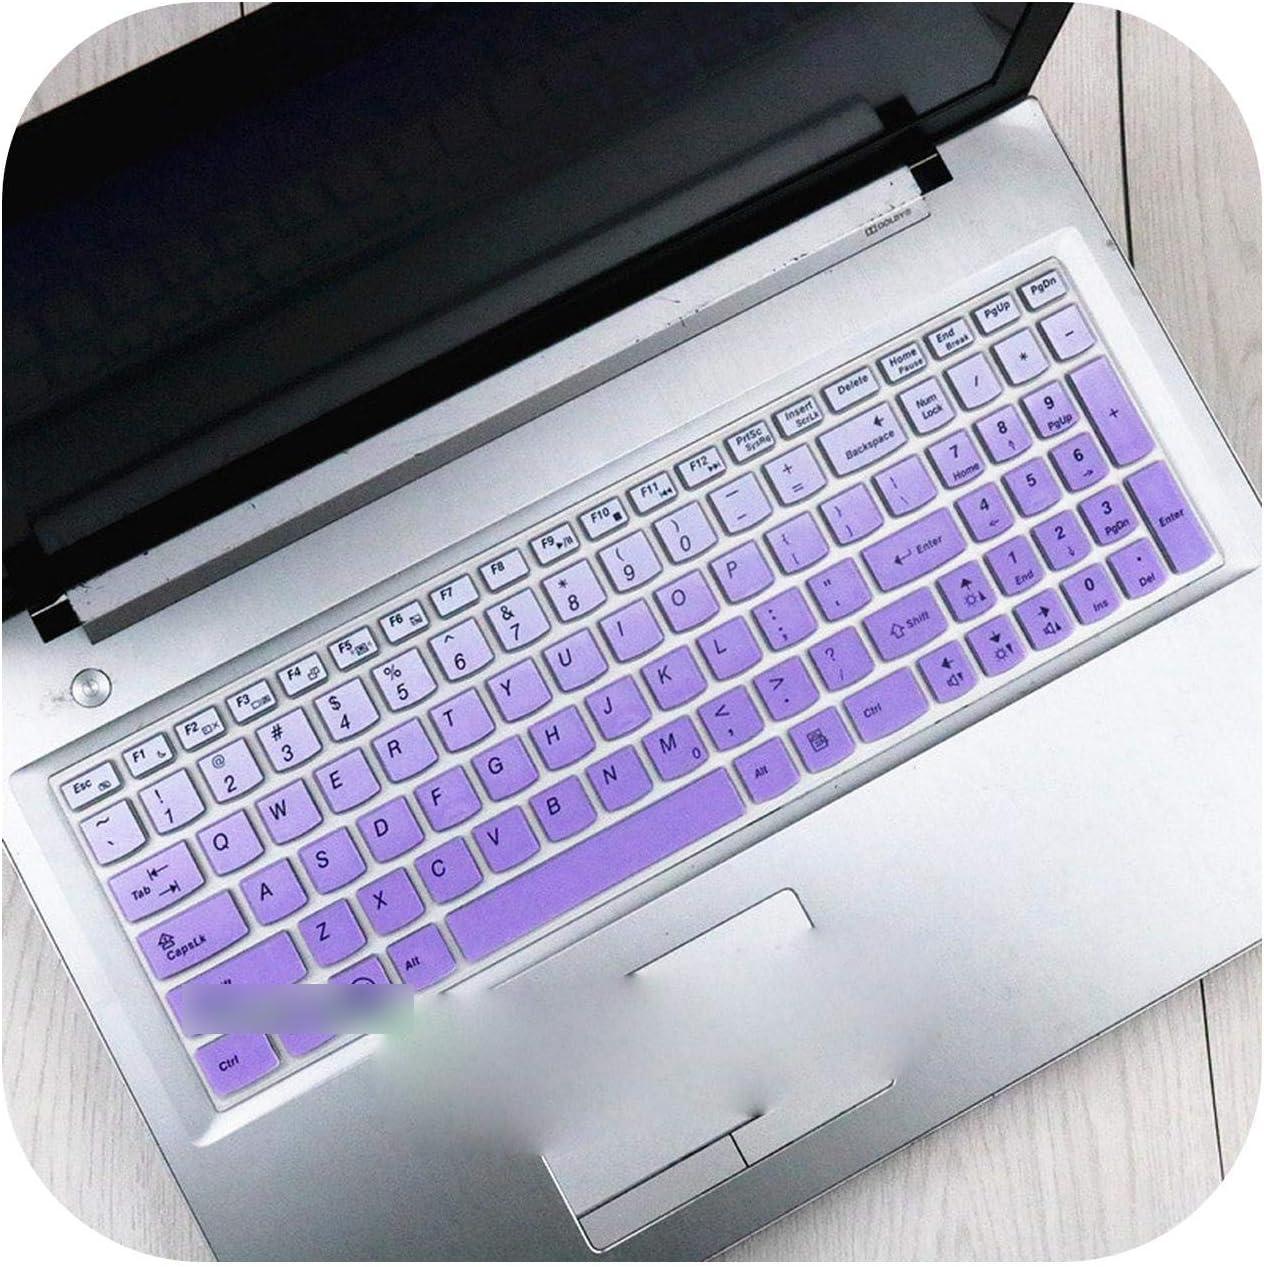 15.6 17.3 Silicone Keyboard Protector Cover Skin for Lenovo Y70-70 300-17 Y50C B70-80 B71-80 V2000 V4000 Y50C G50-70 Z50 N50-Gradualpurple